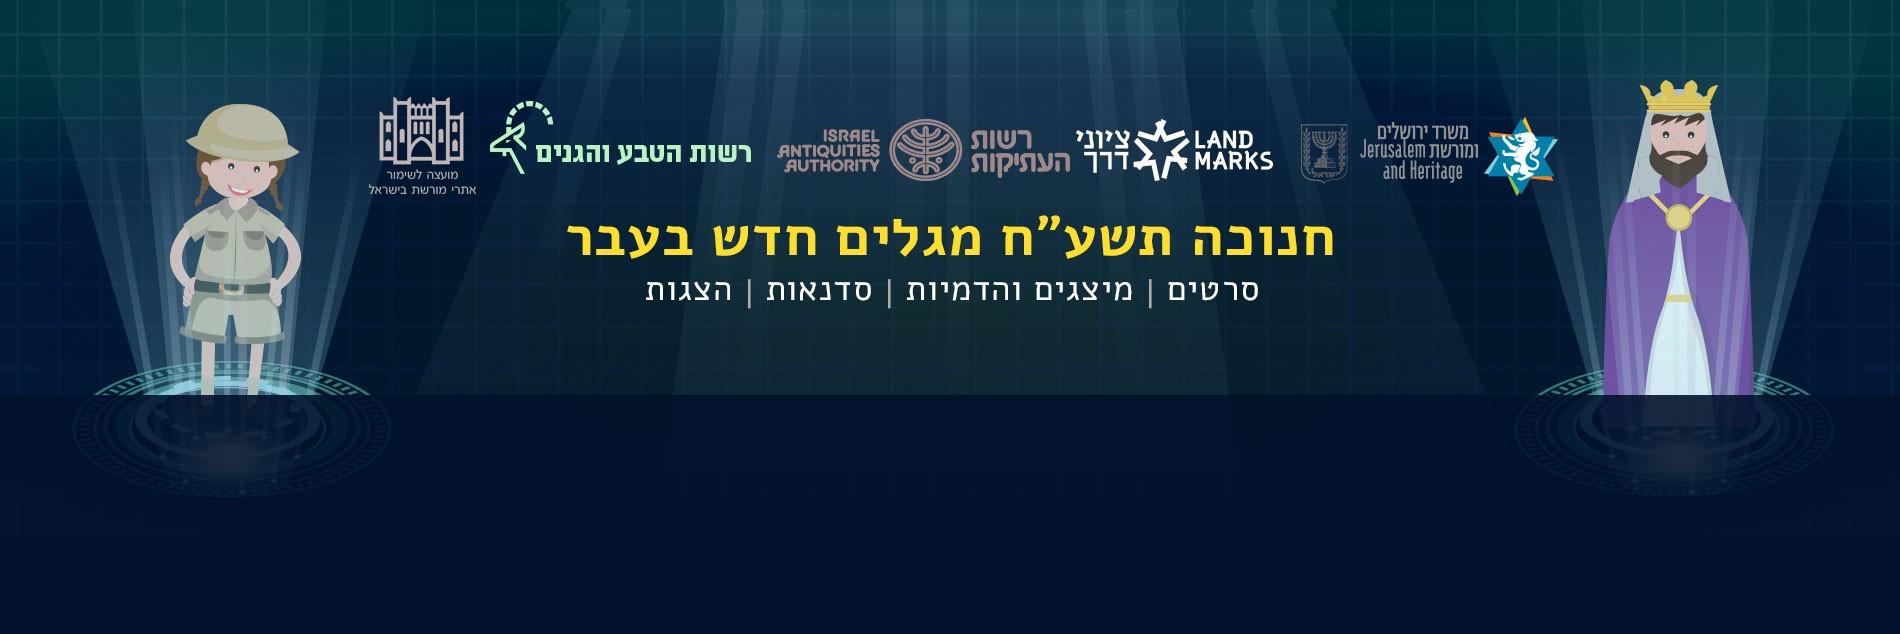 שבוע המורשת בישראל 2017